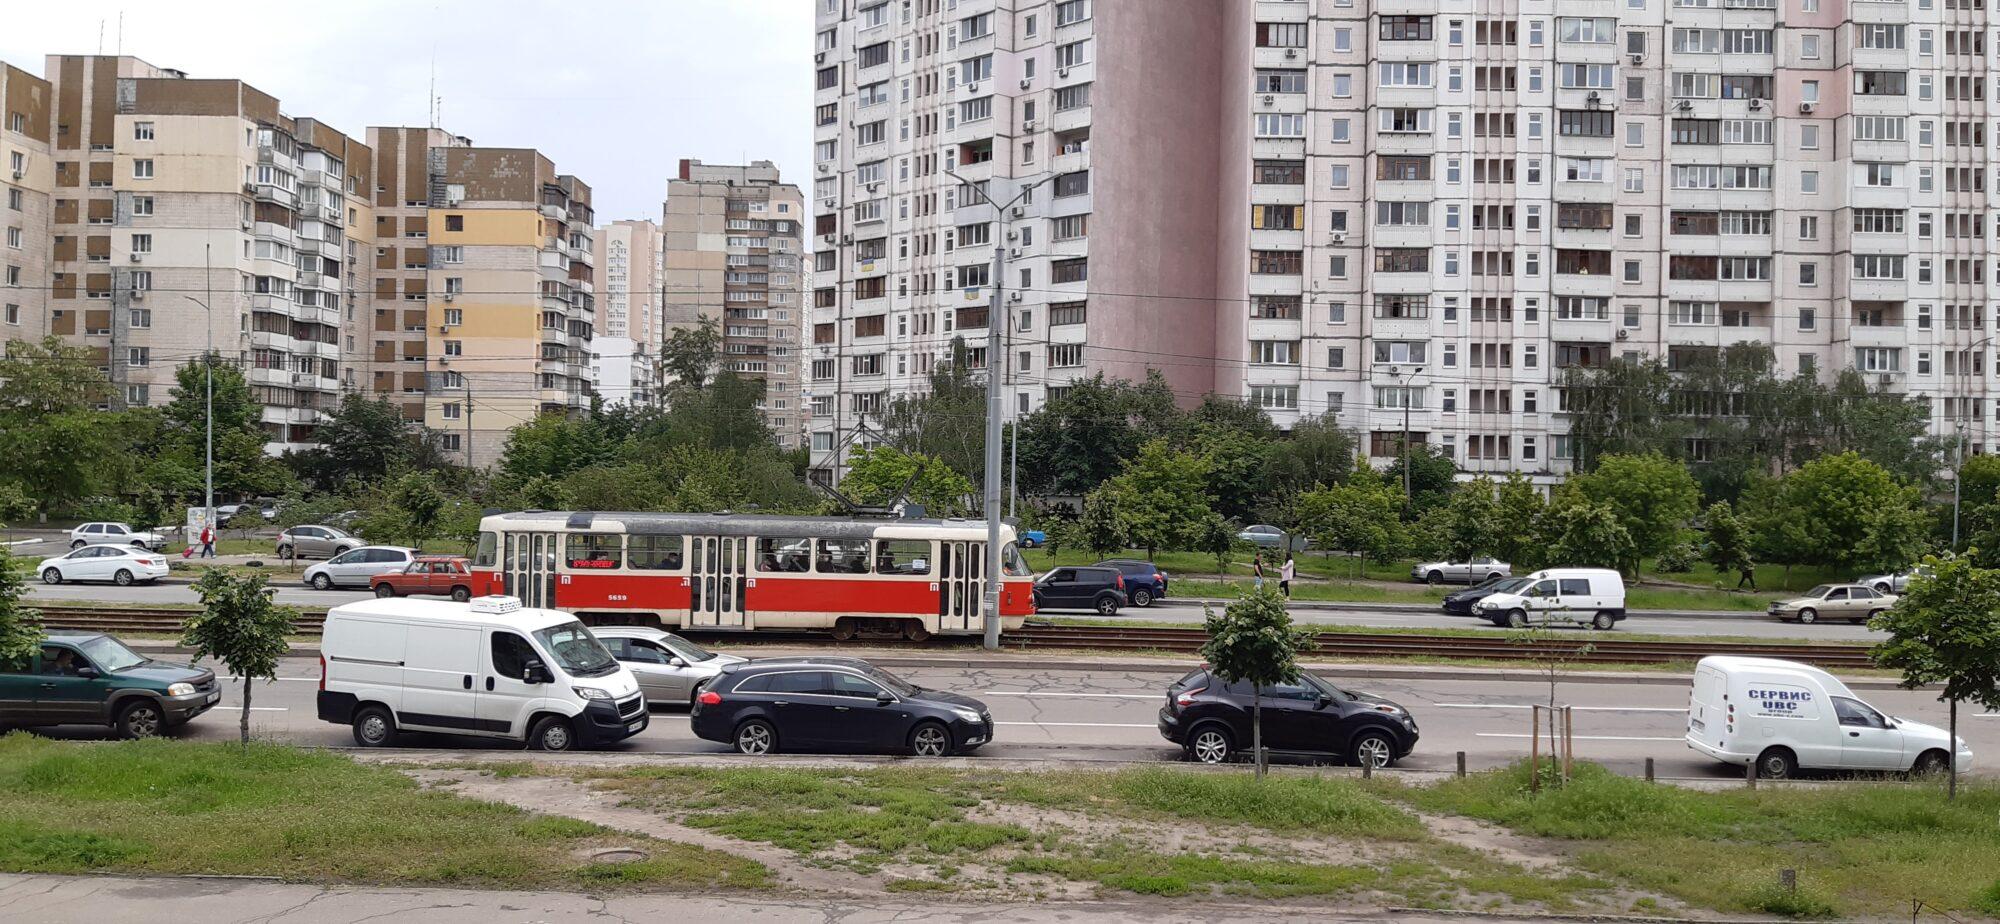 У Києві зміняться маршрути тролейбусів № 29, 30, 31 і скоротиться режим роботи тролейбусів № 31, 37, 37А, 50-К - тролейбуси - 20200605 140435 2000x924